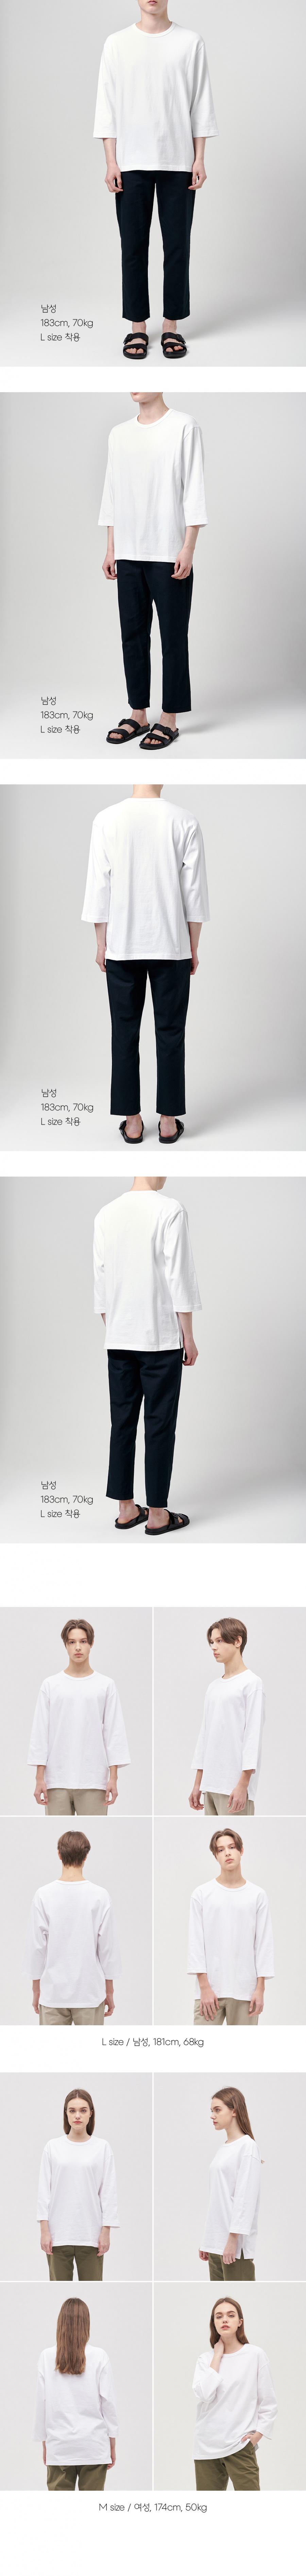 무신사 스탠다드(MUSINSA STANDARD) 3/4 슬리브 크루 넥 티셔츠 [화이트]